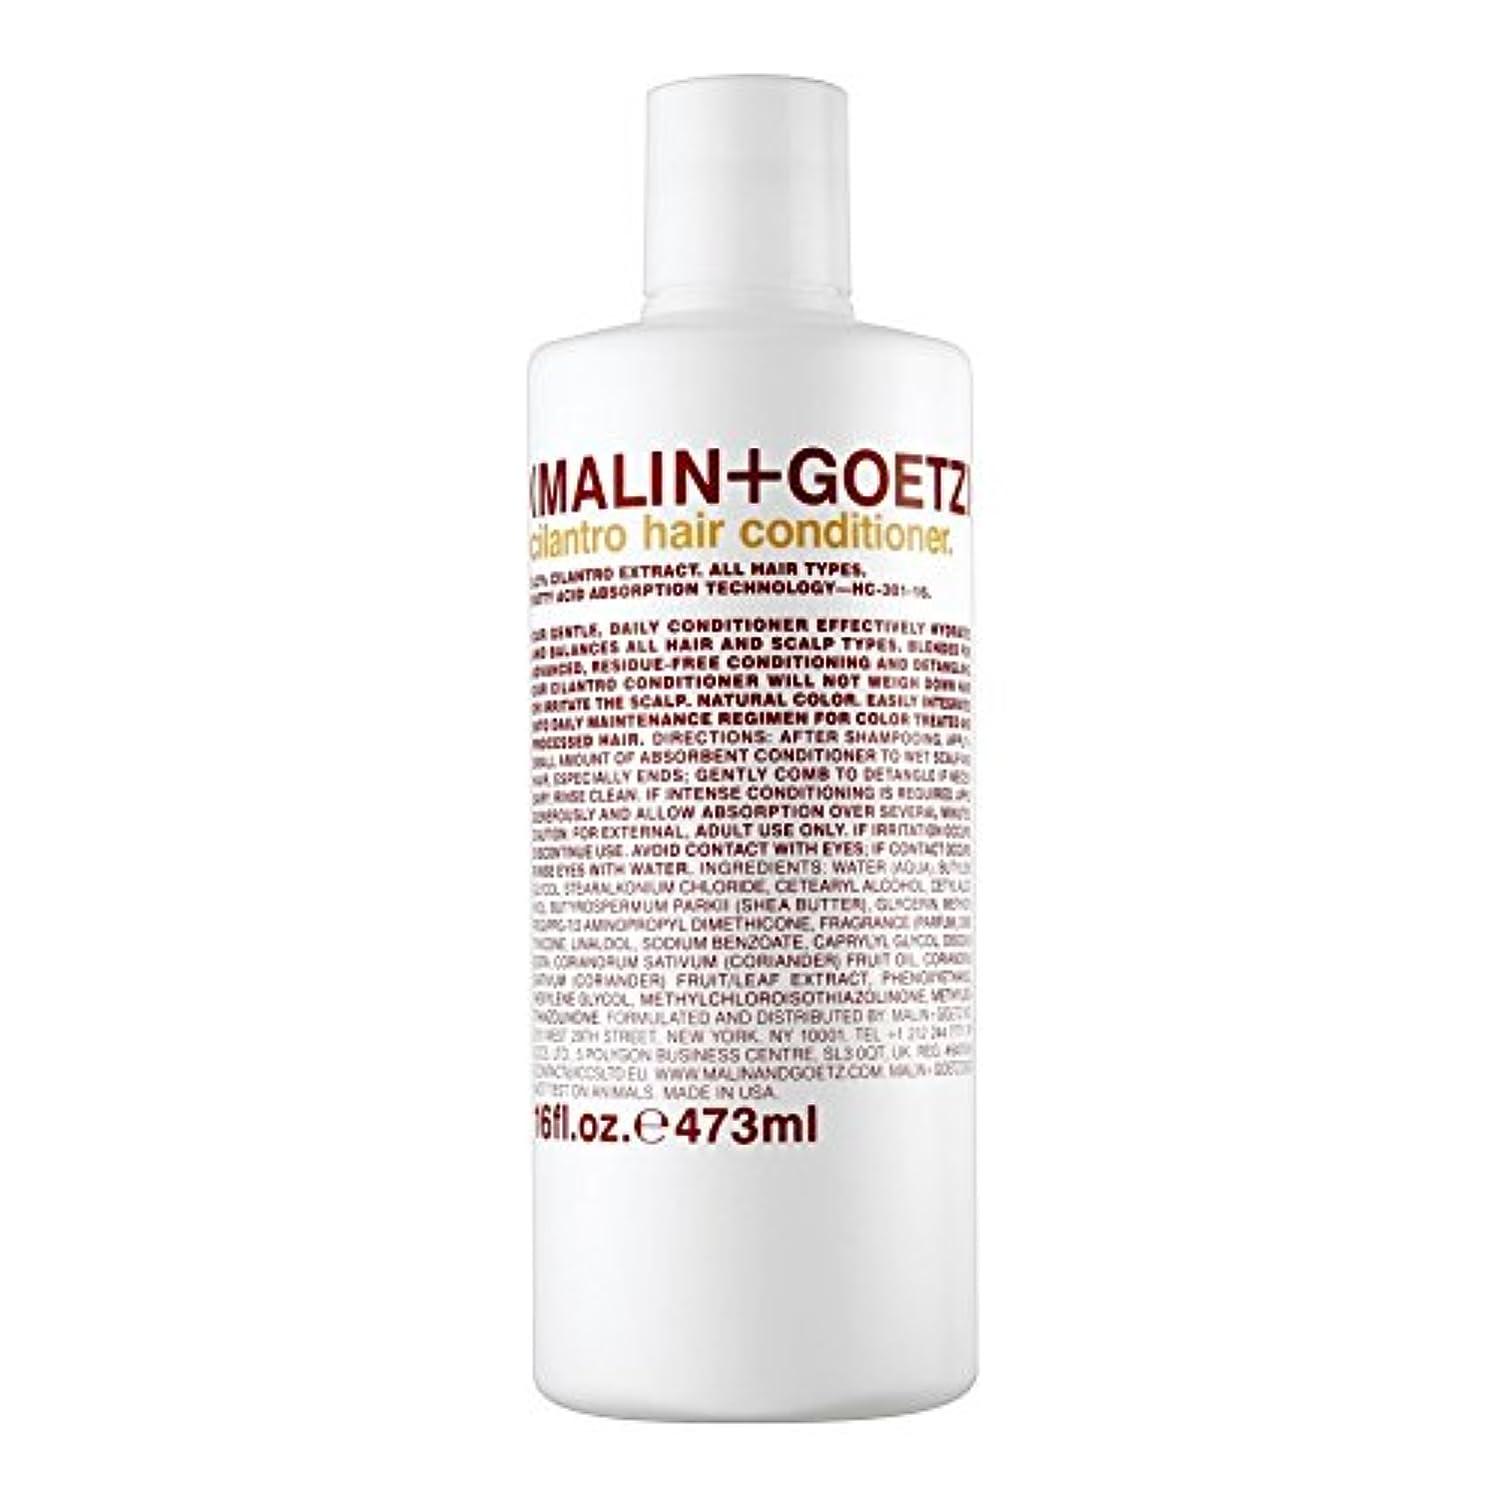 送信する津波持参マリン+ゲッツコリアンダーのヘアコンディショナー473ミリリットル x2 - MALIN+GOETZ Cilantro Hair Conditioner 473ml (Pack of 2) [並行輸入品]